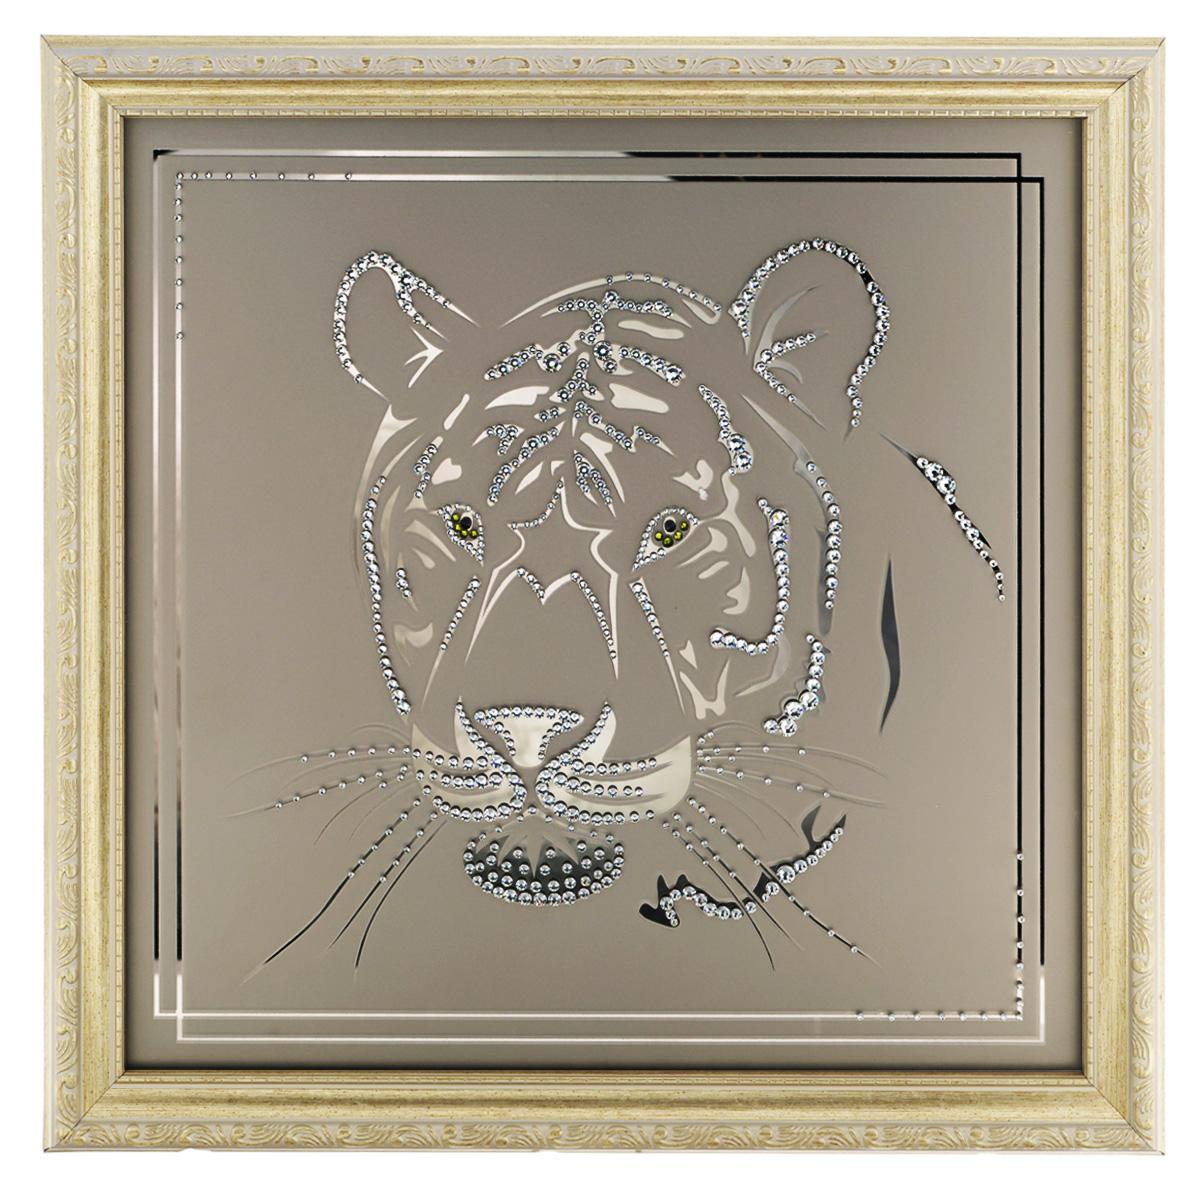 Картина с кристаллами Swarovski Взгляд тигра, 40 см х 40 смIDEA FL2-07Изящная картина в багетной раме, инкрустирована кристаллами Swarovski в виде головы тигра на матовом стекле золотистого цвета. Кристаллы Swarovski отличаются четкой и ровной огранкой, ярким блеском и чистотой цвета. С обратной стороны имеется металлическая проволока для размещения картины на стене. Картина с кристаллами Swarovski Взгляд тигра элегантно украсит интерьер дома или офиса, а также станет прекрасным подарком, который обязательно понравится получателю. Блеск кристаллов в интерьере, что может быть сказочнее и удивительнее. Картина упакована в подарочную картонную коробку синего цвета и комплектуется сертификатом соответствия Swarovski.